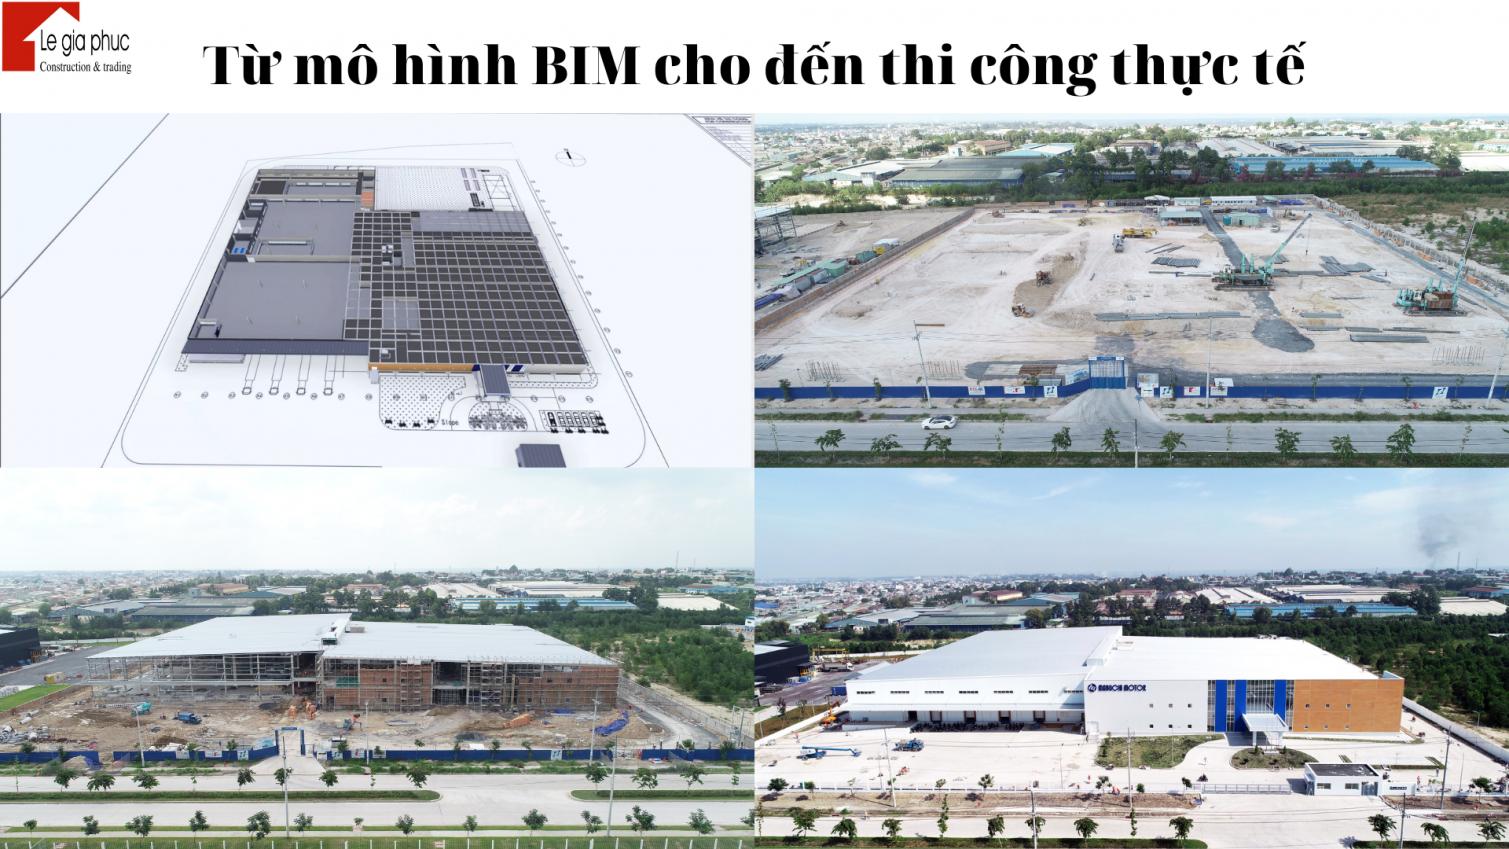 Các bản vẽ thực hiện theo mô hình BIM để thiết kế và thi công nhà xưởng, nhà công nghiệp